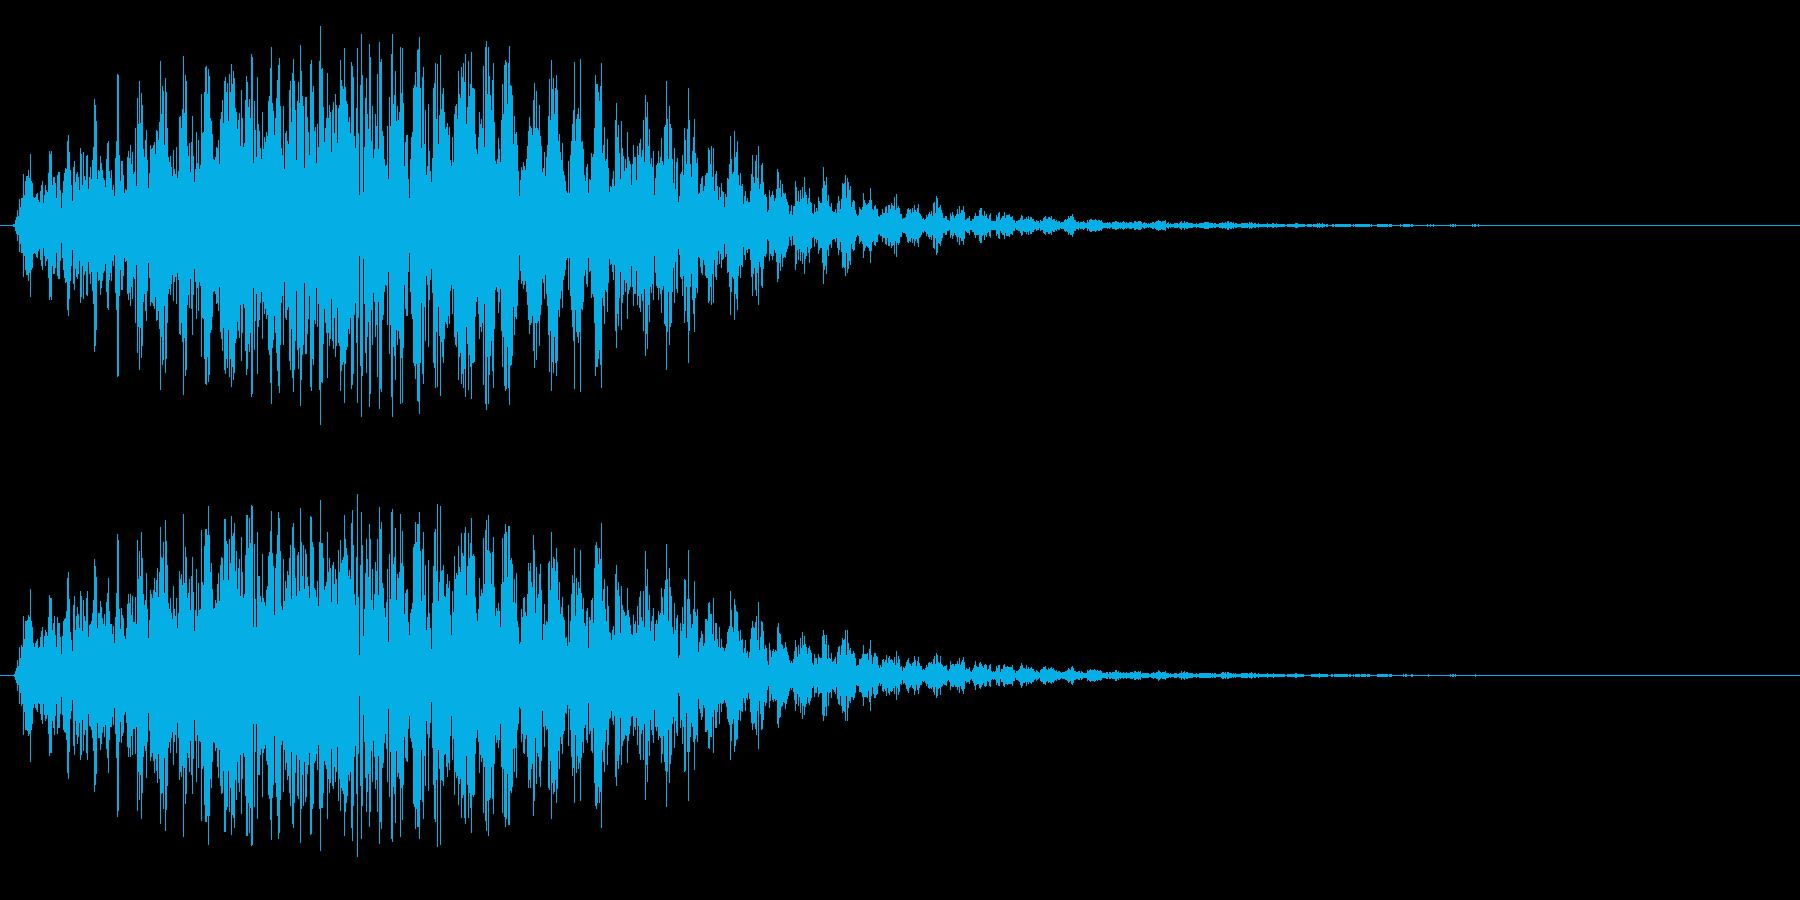 プルルルル(低速のファンタジー飛行音)の再生済みの波形